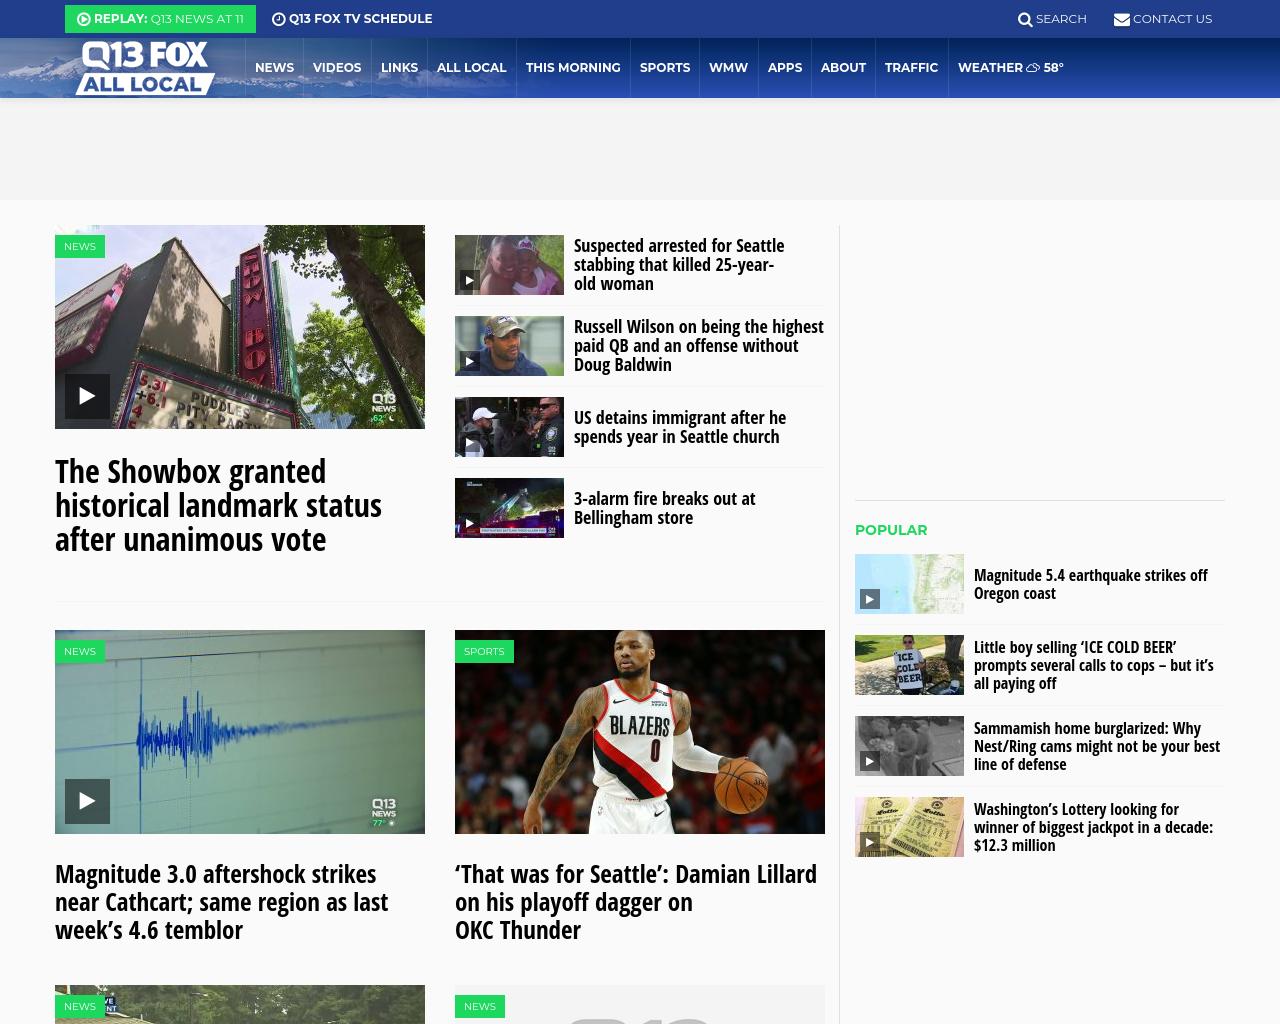 Q13 FOX News Advertising Mediakits, Reviews, Pricing